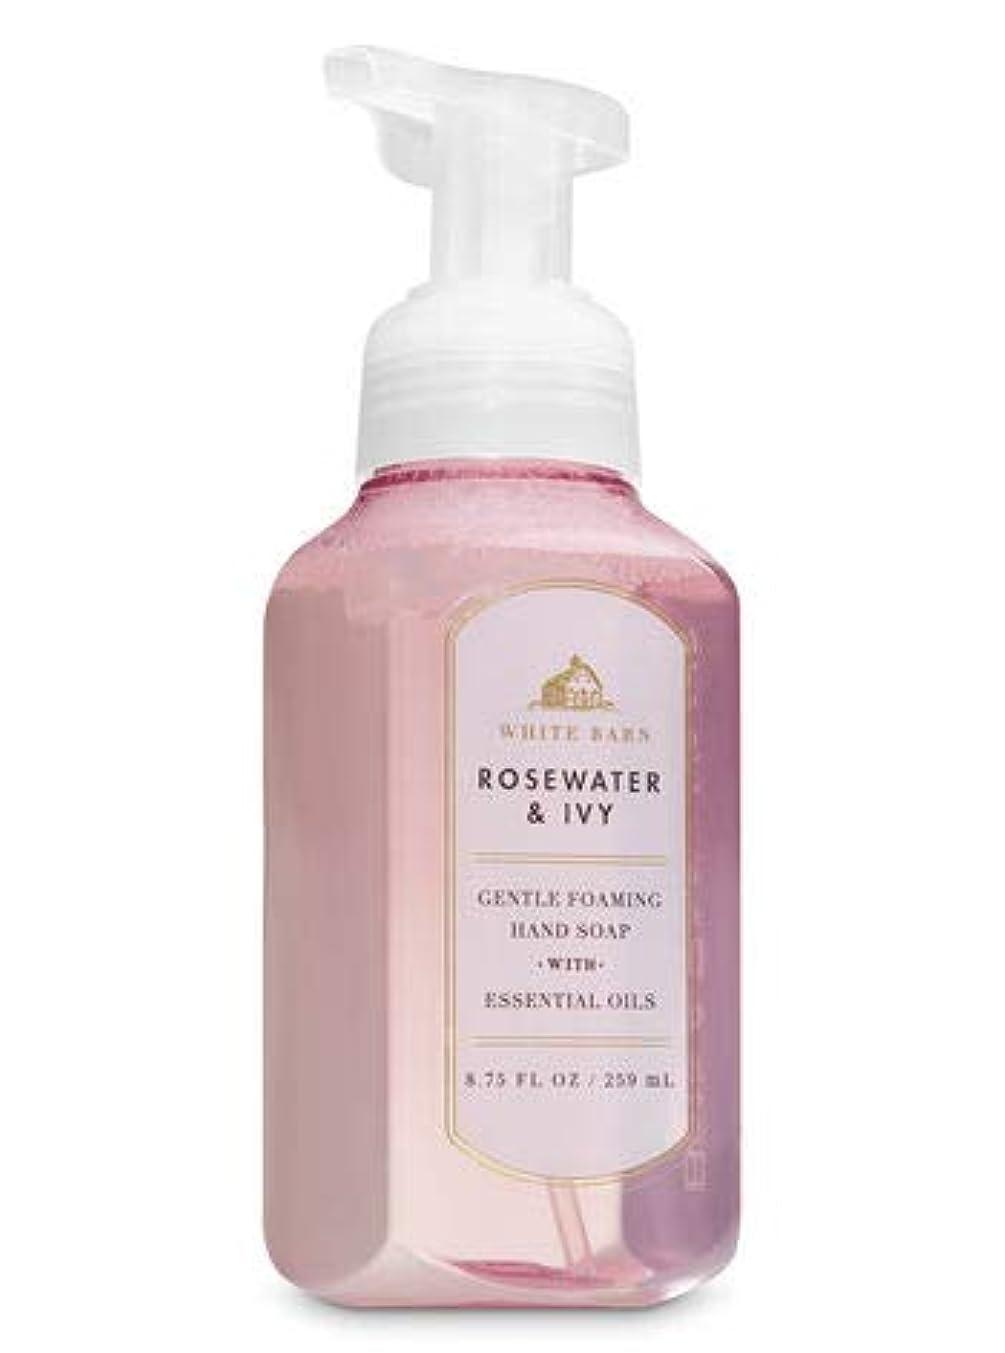 抜け目がない敬な騒バス&ボディワークス ローズウォーター&アイビー ジェントル フォーミング ハンドソープ Rose Water & Ivy Gentle Foaming Hand Soap